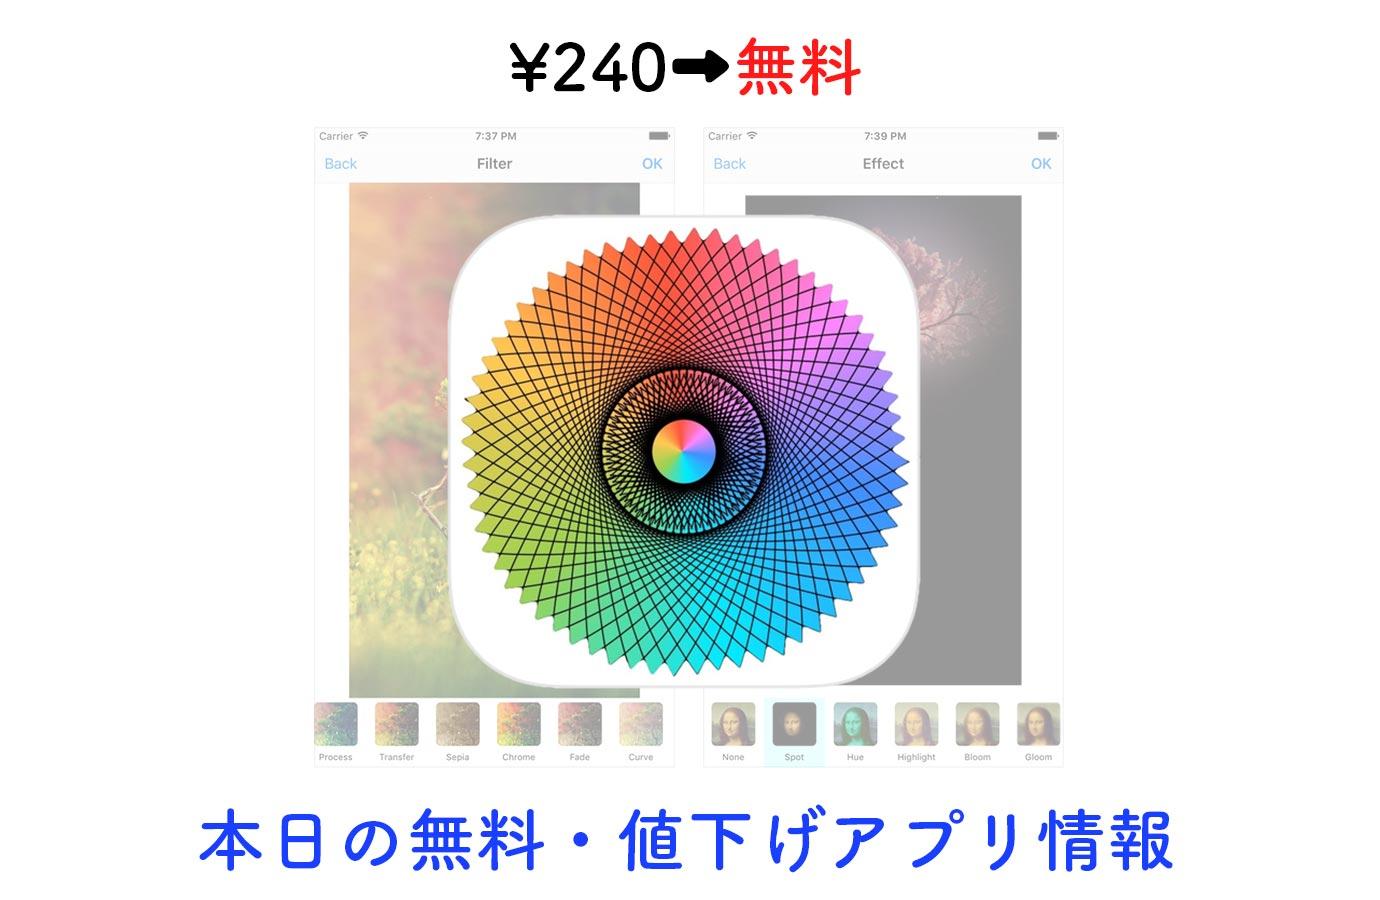 ¥240→無料、フィルターやエフェクトなどを多数搭載した写真加工アプリ「Picture Perfect」など【10/26】本日の無料・値下げアプリ情報